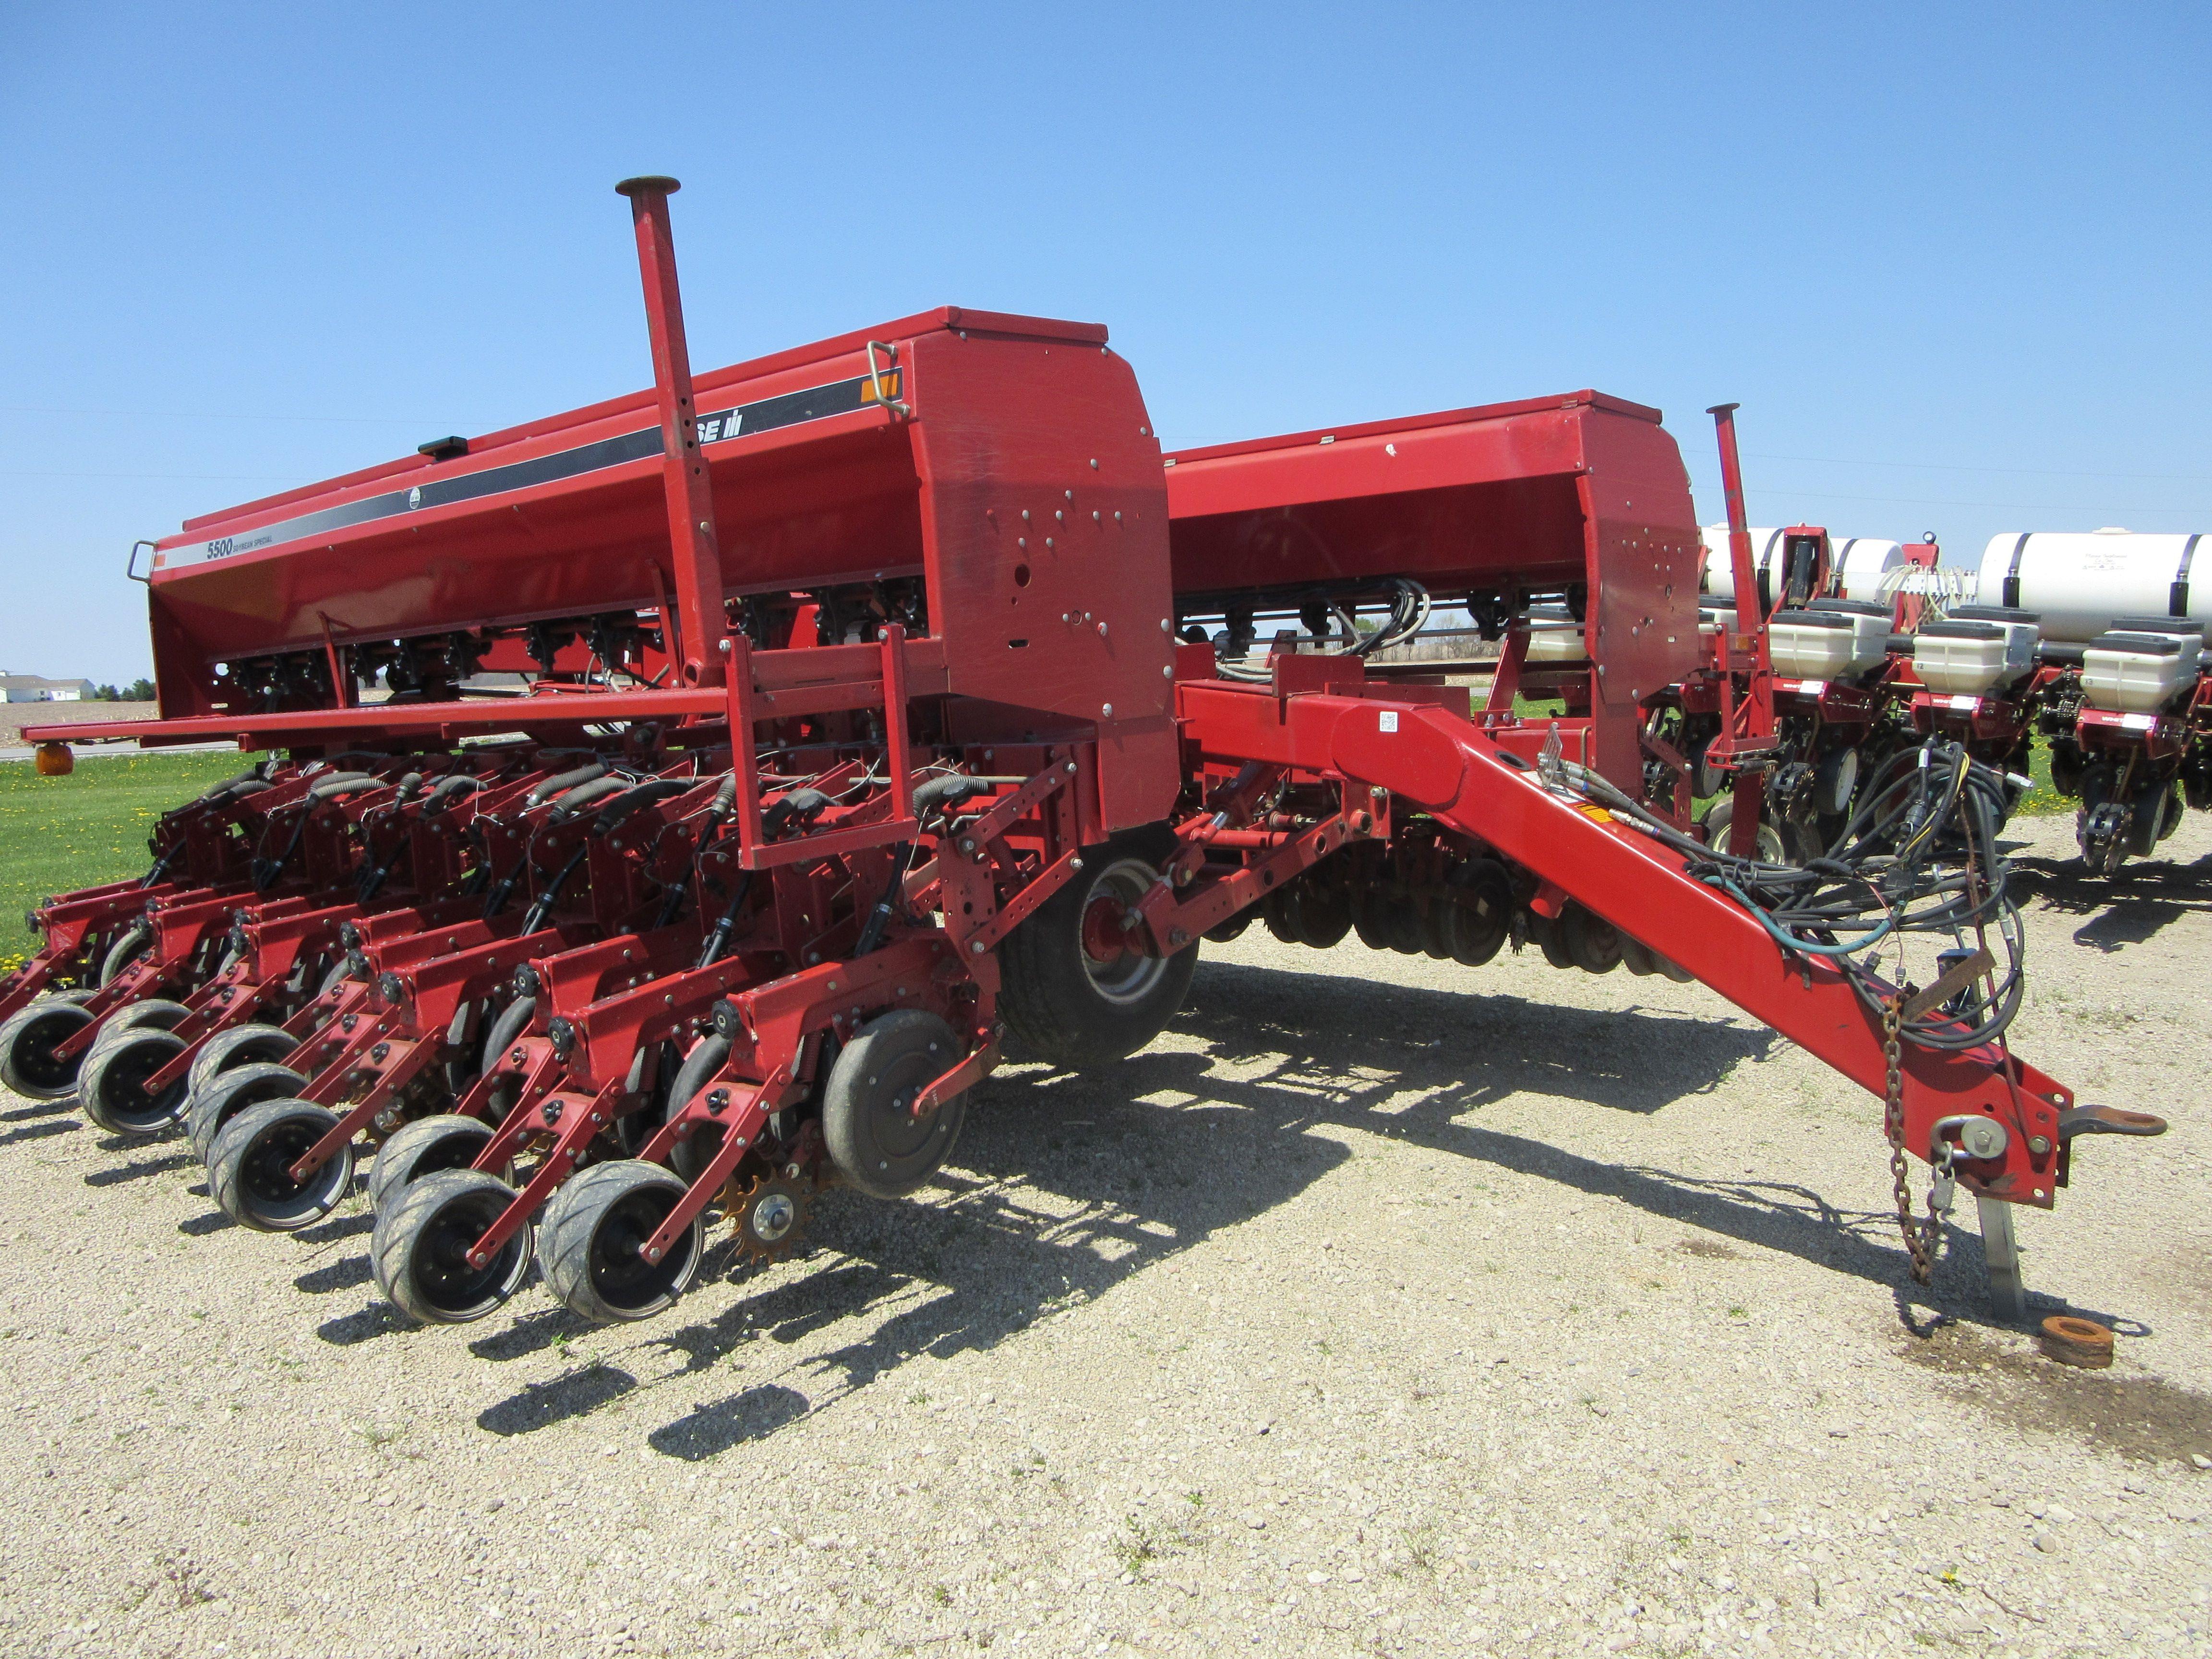 Caseih 5500 Grain Drill Case Ih Farm Equipment Monster Trucks